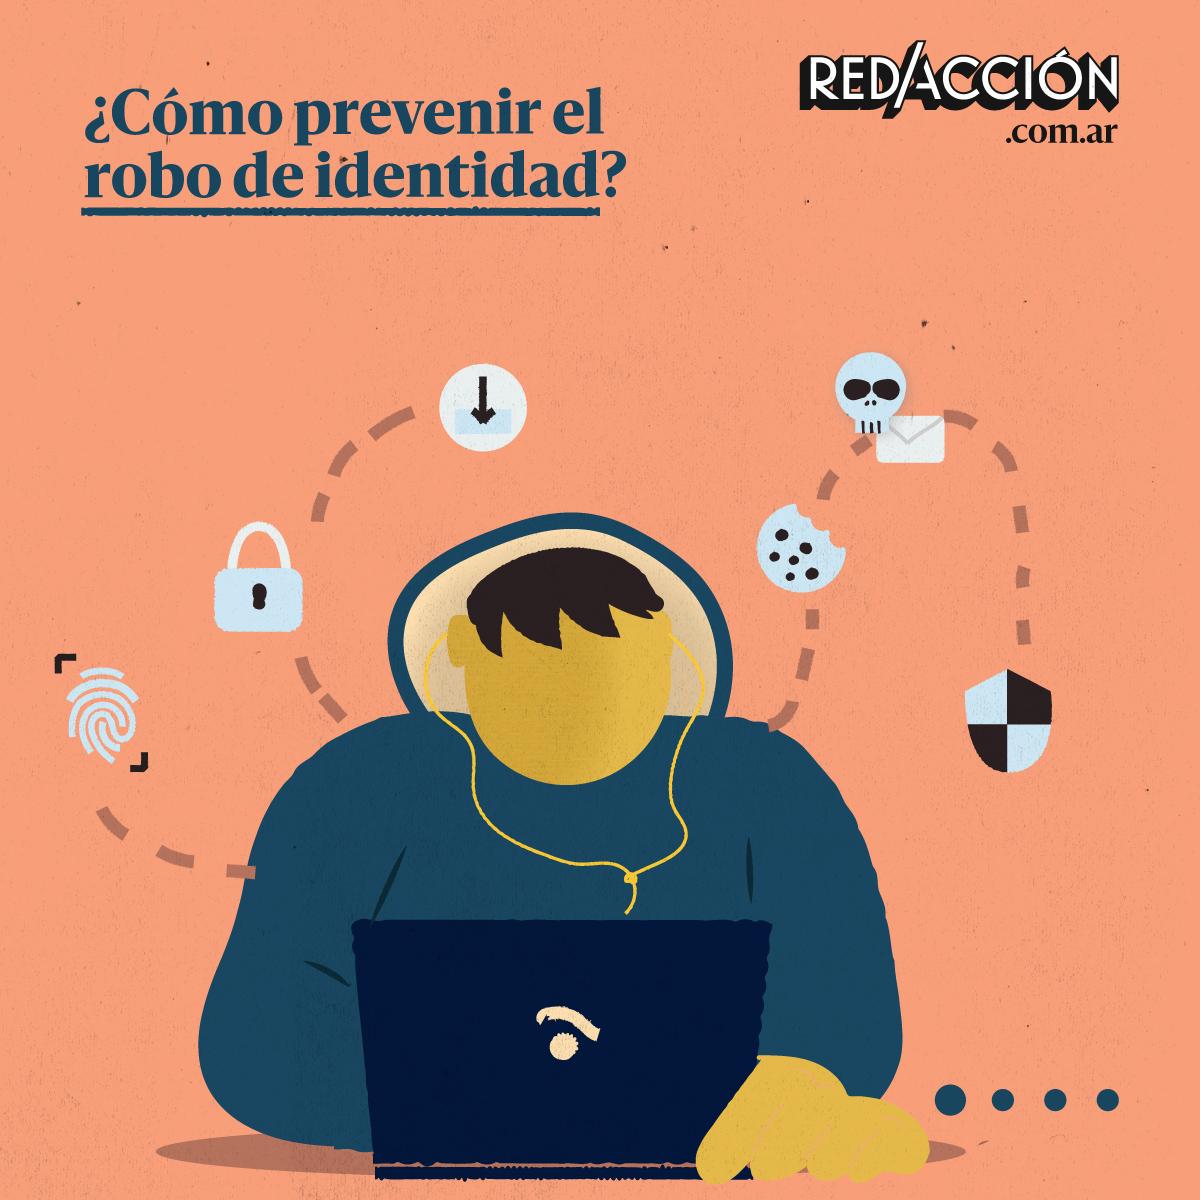 ¿Qué se debe hacer para evitar el robo de identidad?